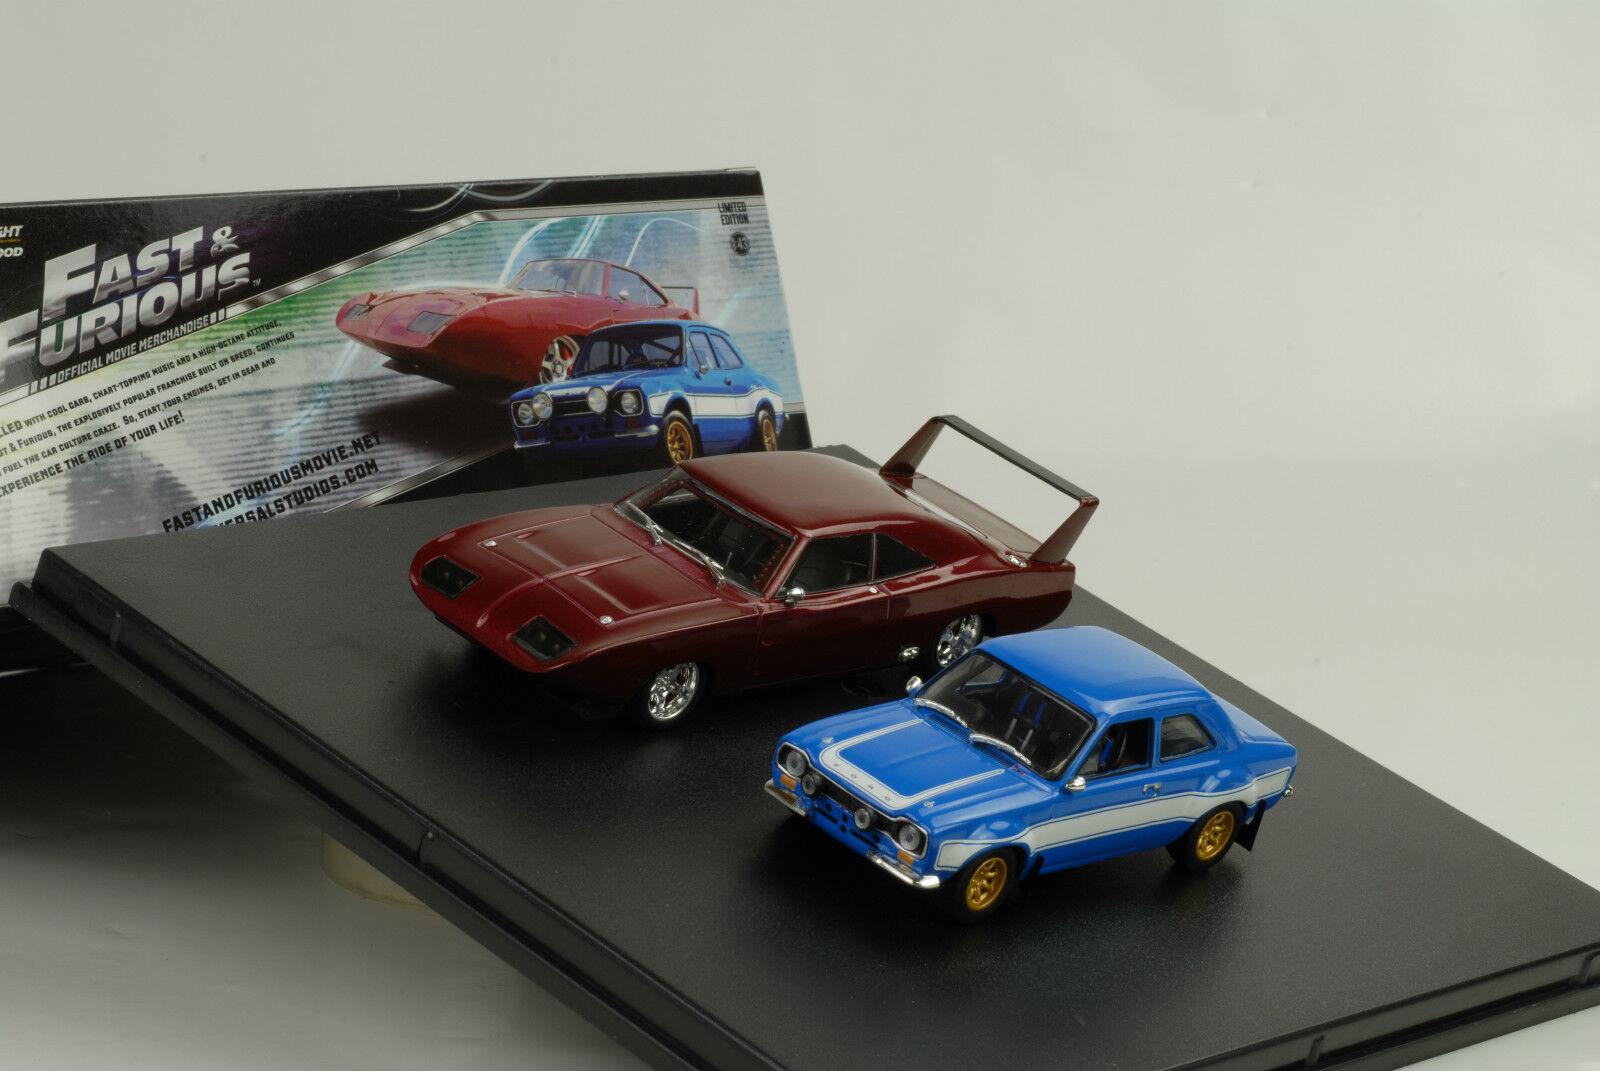 Movie presque & & & and Furious 6 2 car set Escort Charger Daytona 1 43 vertlight fa09ce